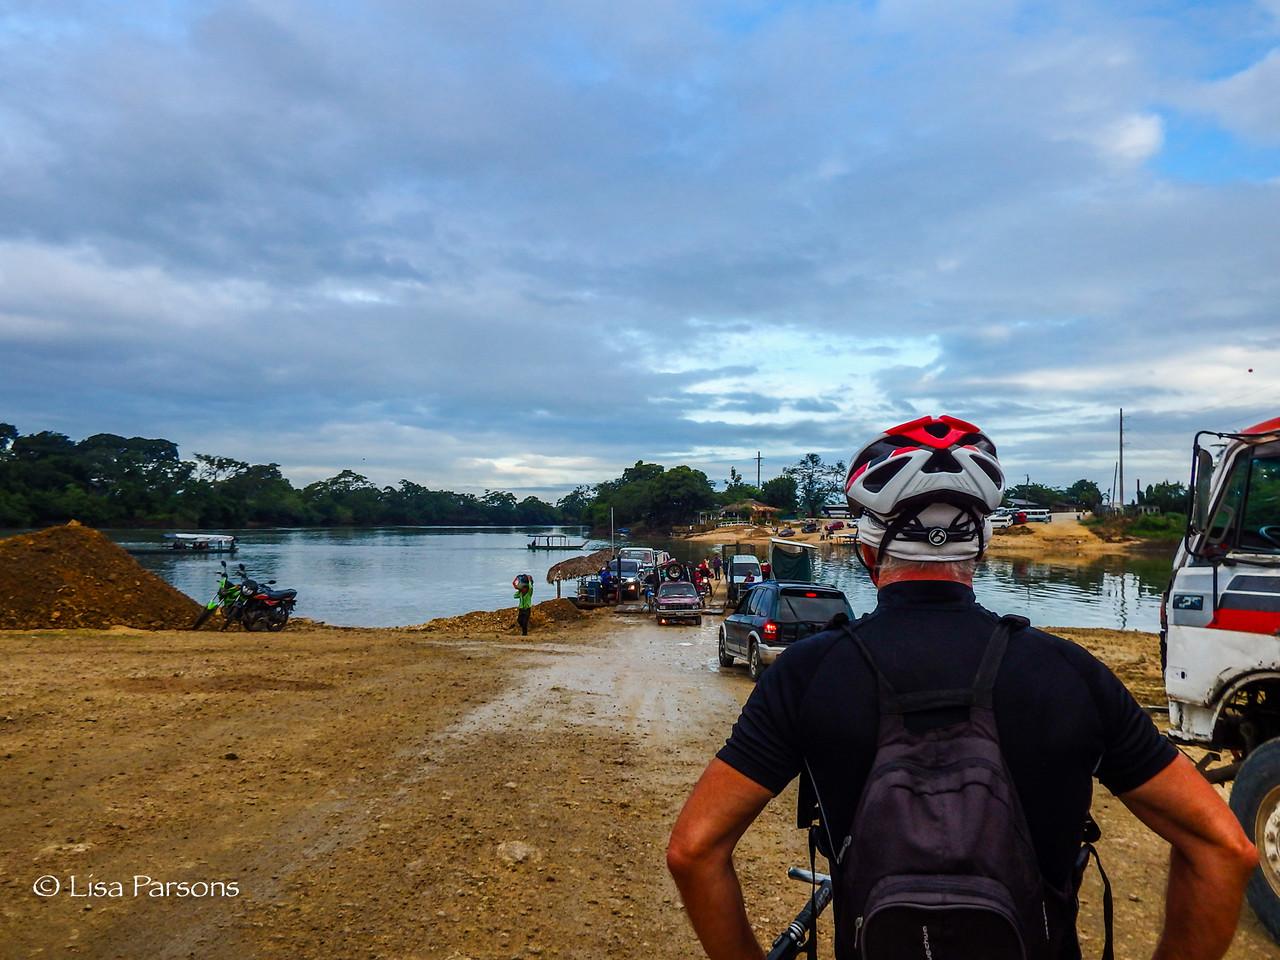 Morning Ferry Ride Across the Río La Pasión River